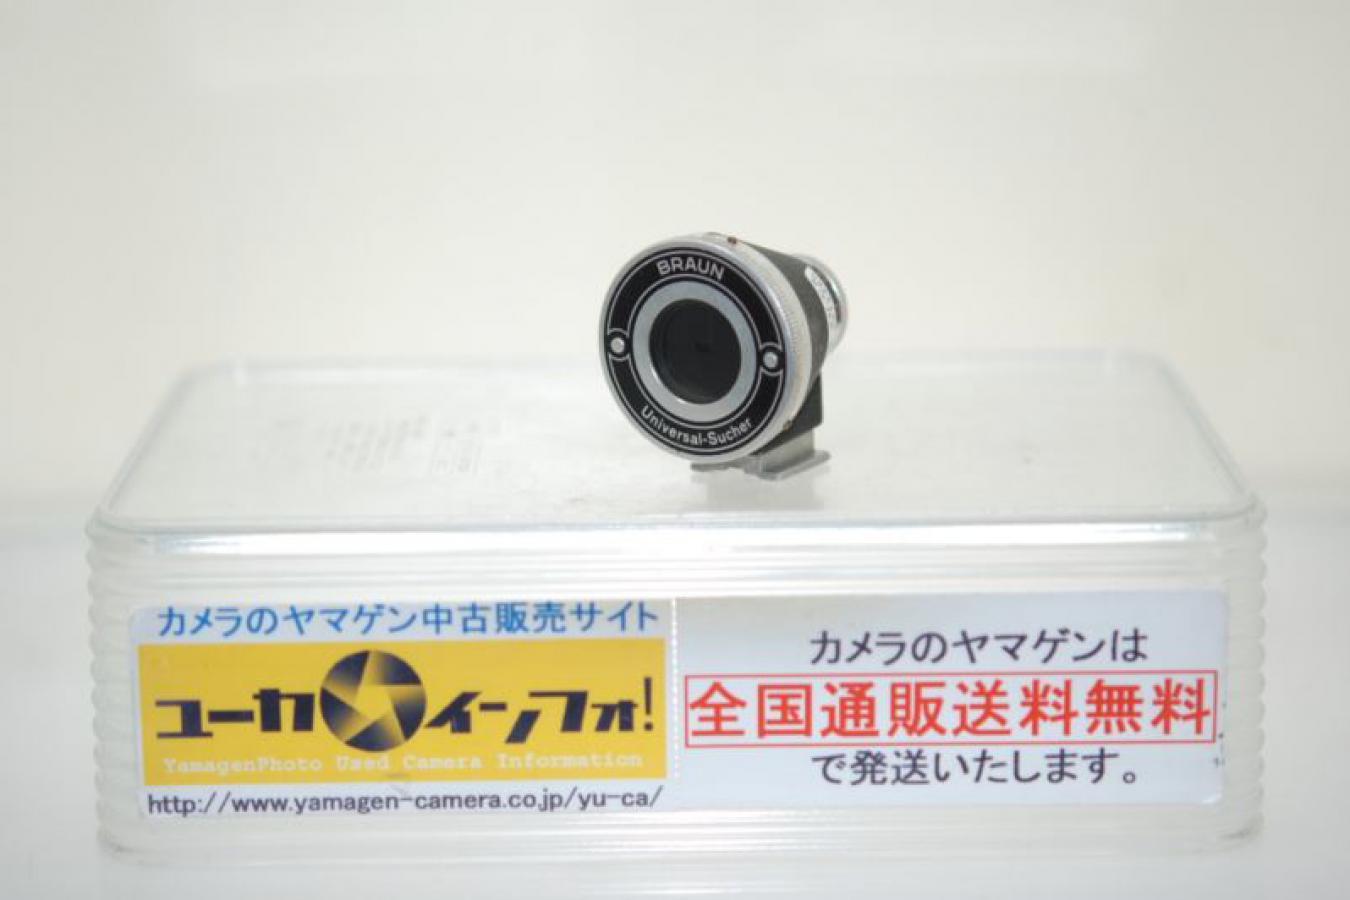 BRAUN ユニバーサルファインダー 【35-135mm用】